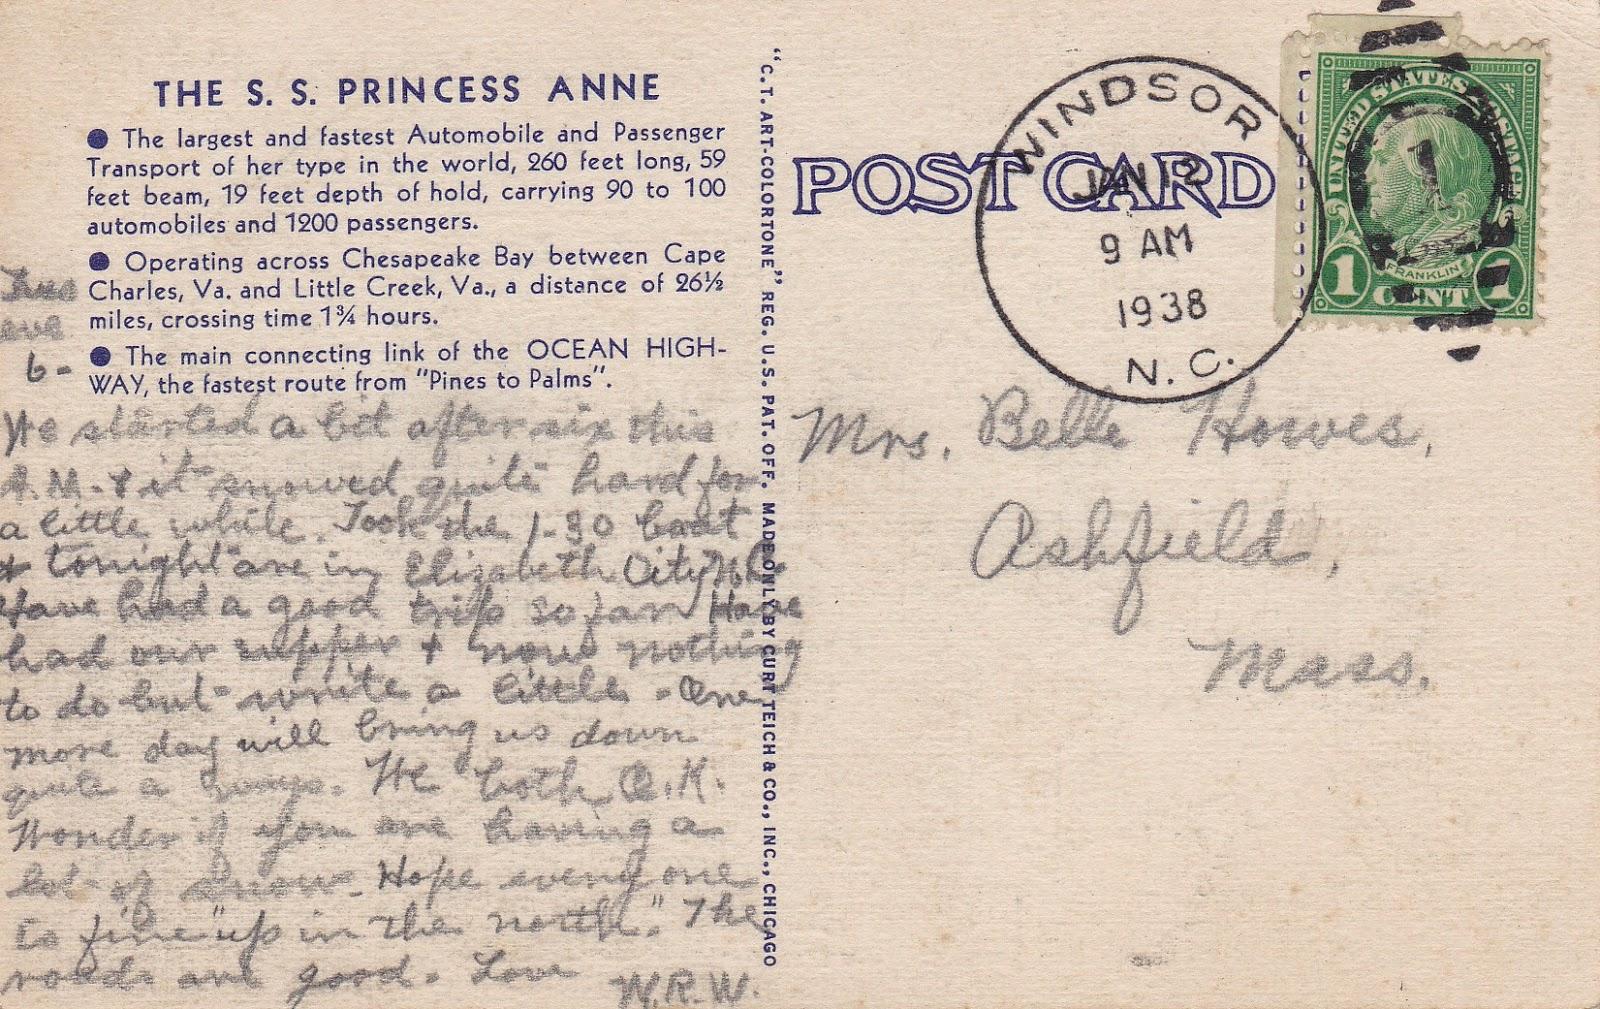 S.S. Princess Anne Vintage Linen Postcard